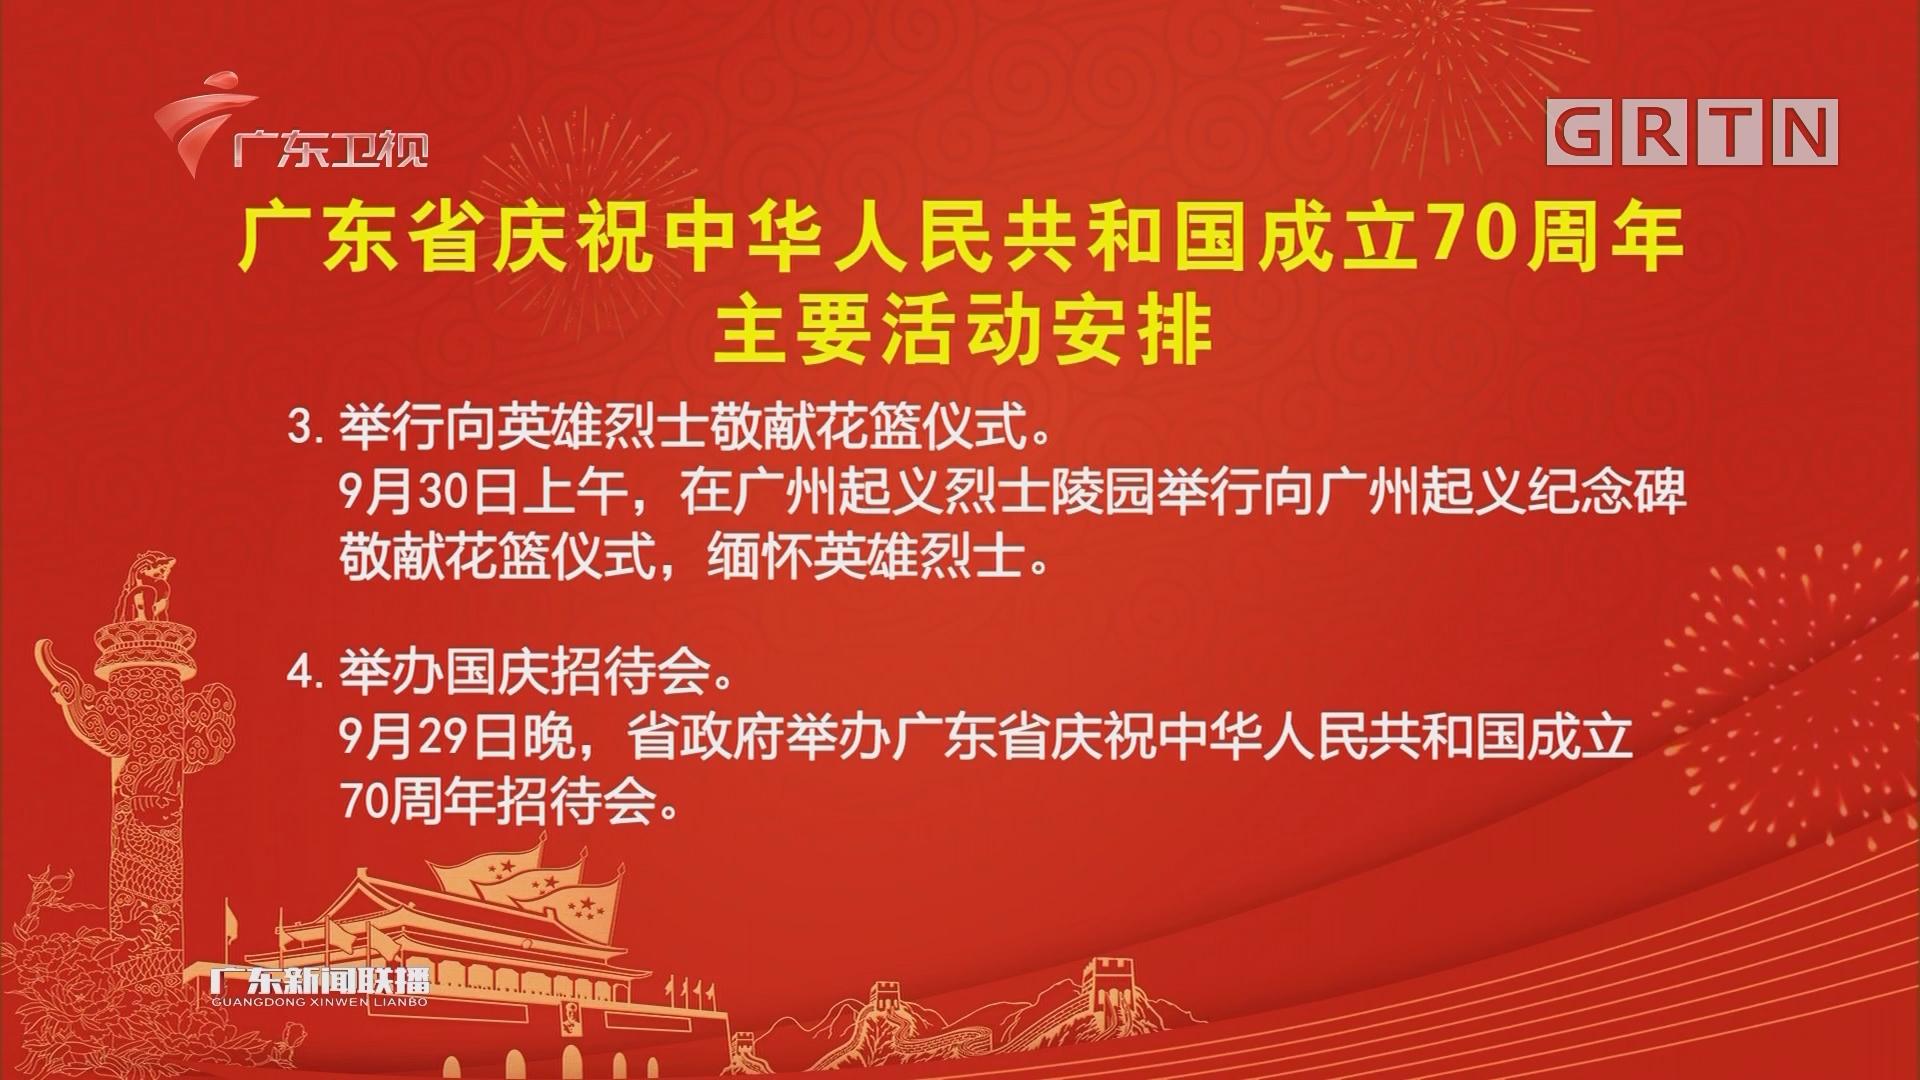 广东省庆祝中华人民共和国成立70周年主要活动安排